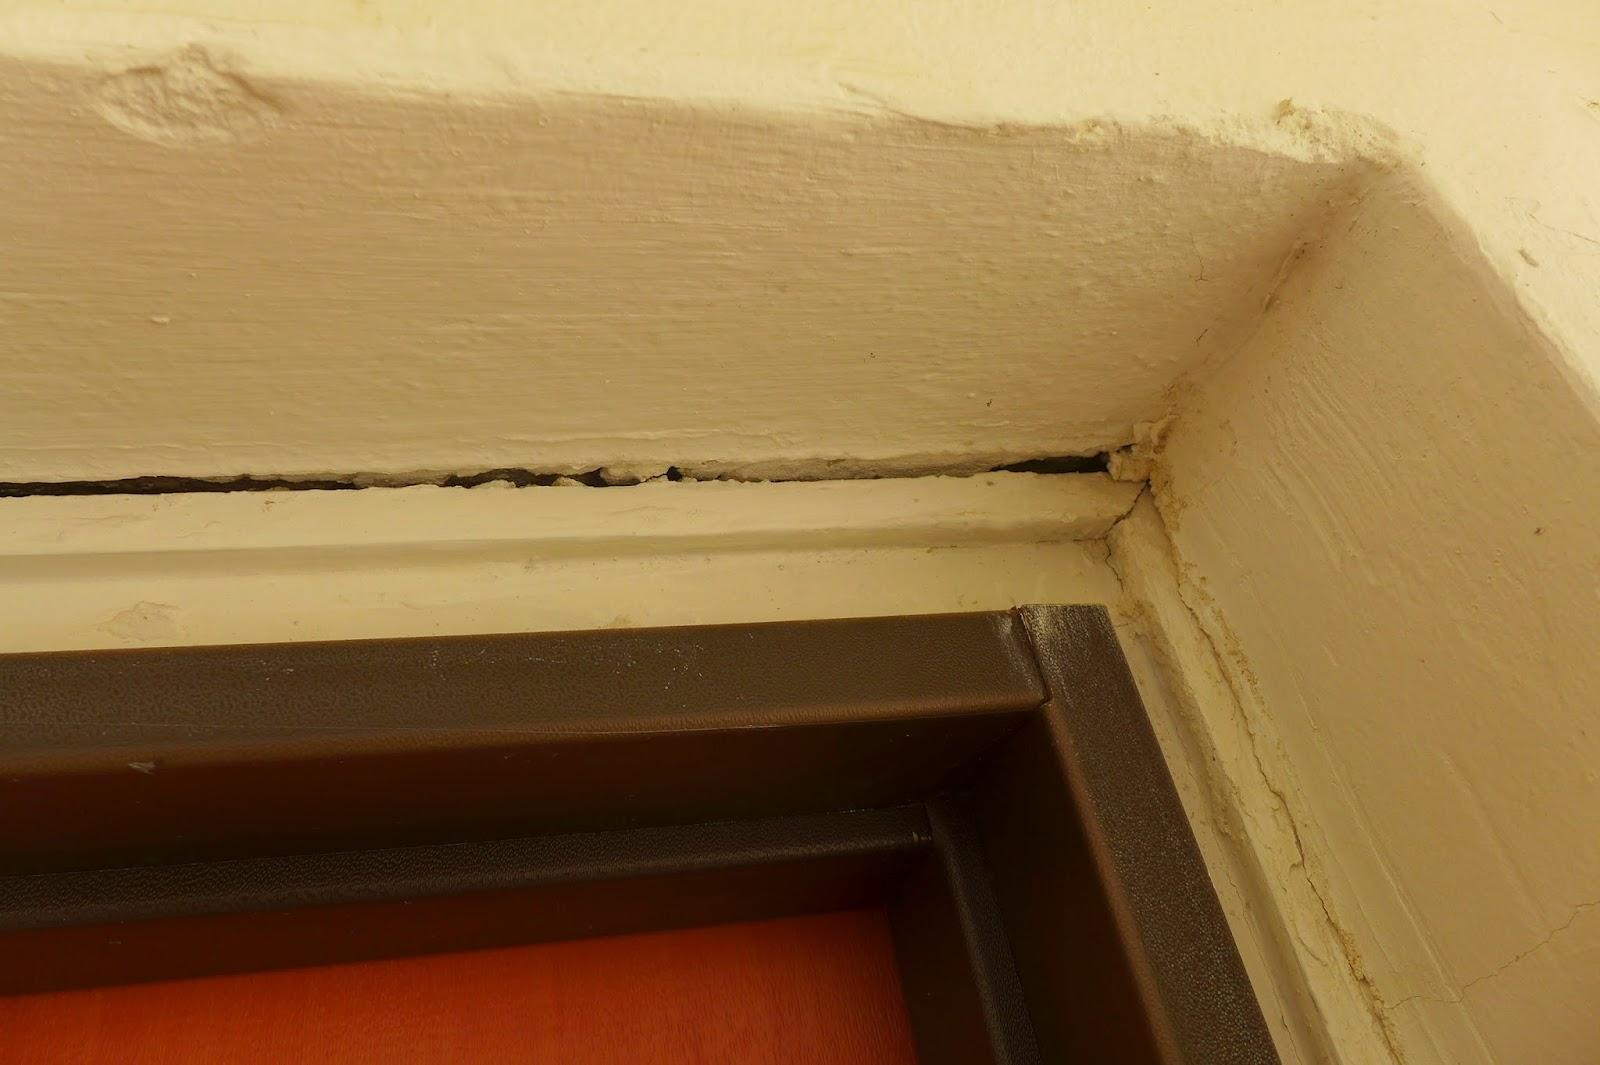 סדק בחיבור משקוף הדלת לקיר עקב בעיטות בלשי משטרת מרחב דן